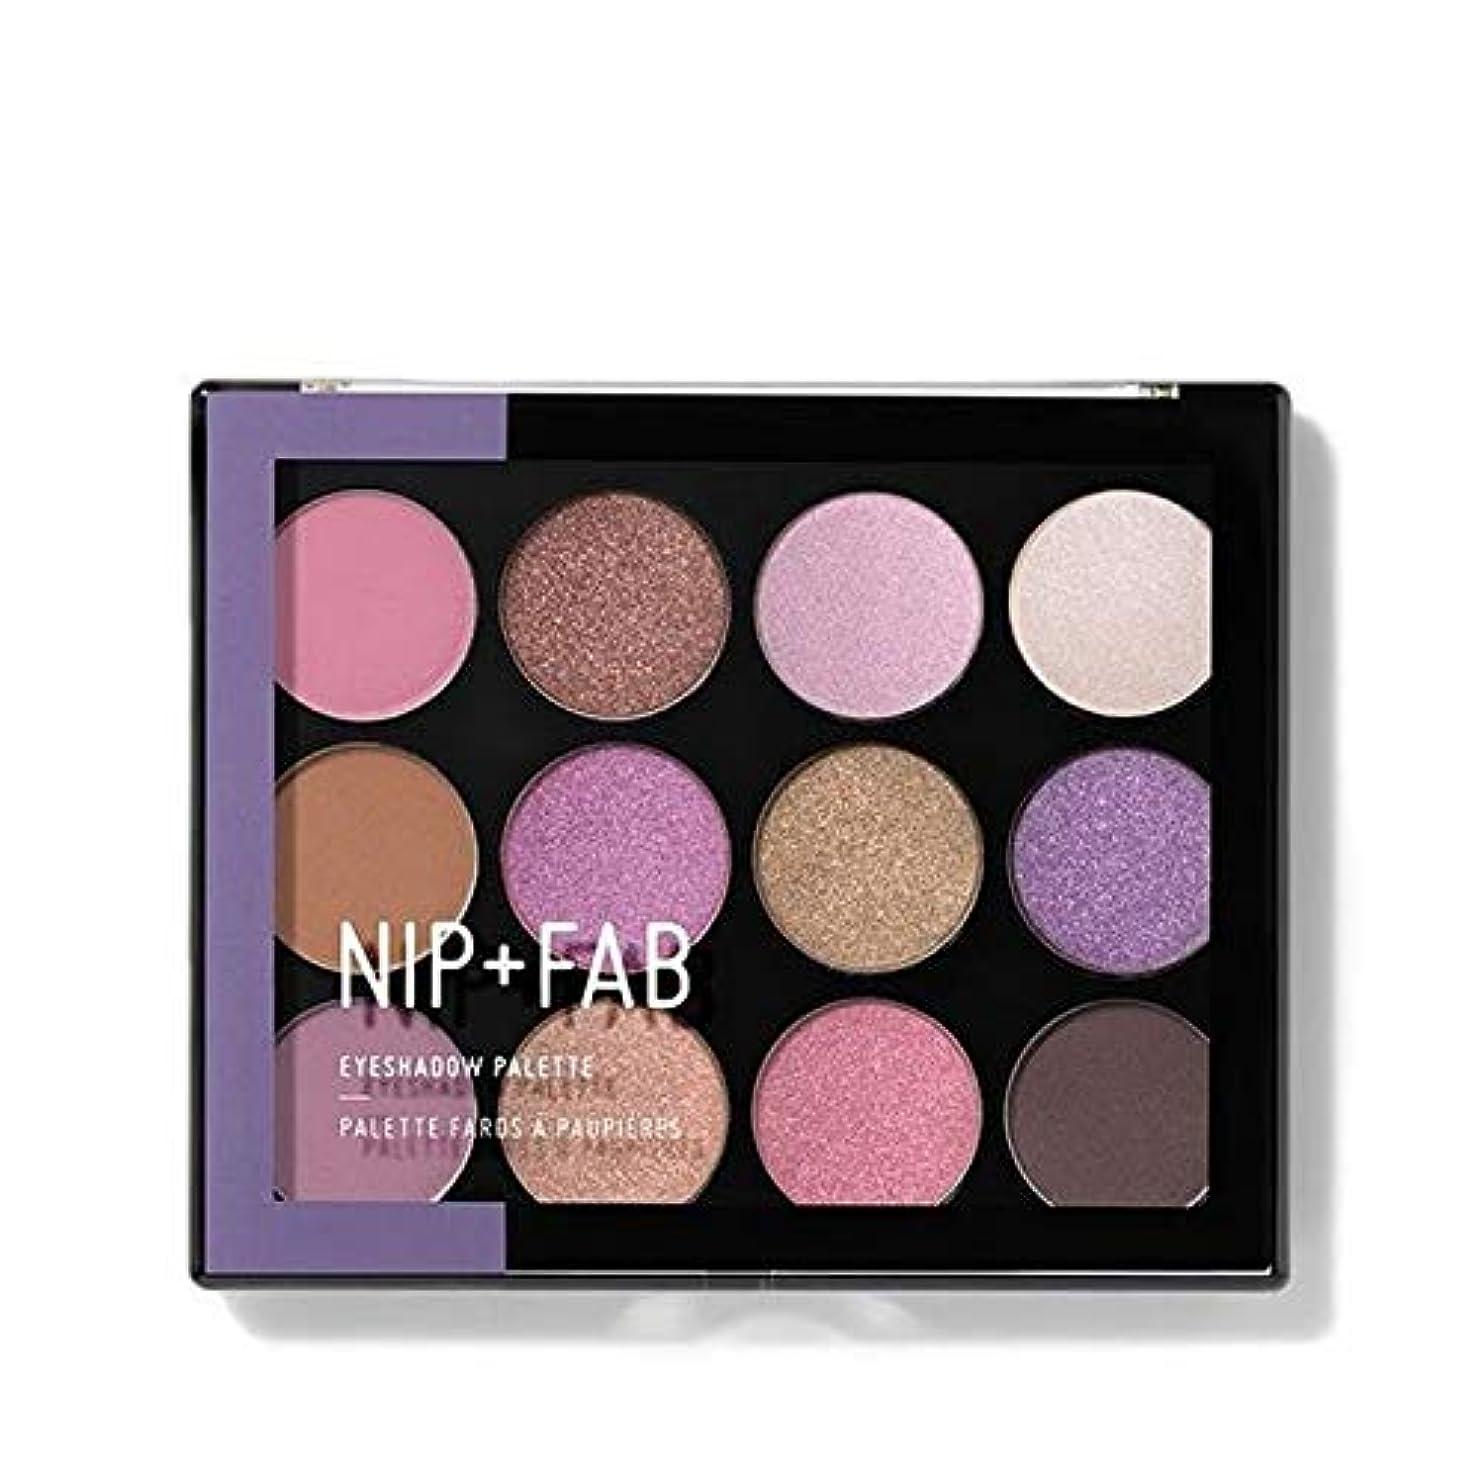 感じるシリーズ開示する[Nip & Fab ] アイシャドウパレット5を構成するFab +ニップ - NIP+FAB Make Up Eyeshadow Palette 5 [並行輸入品]